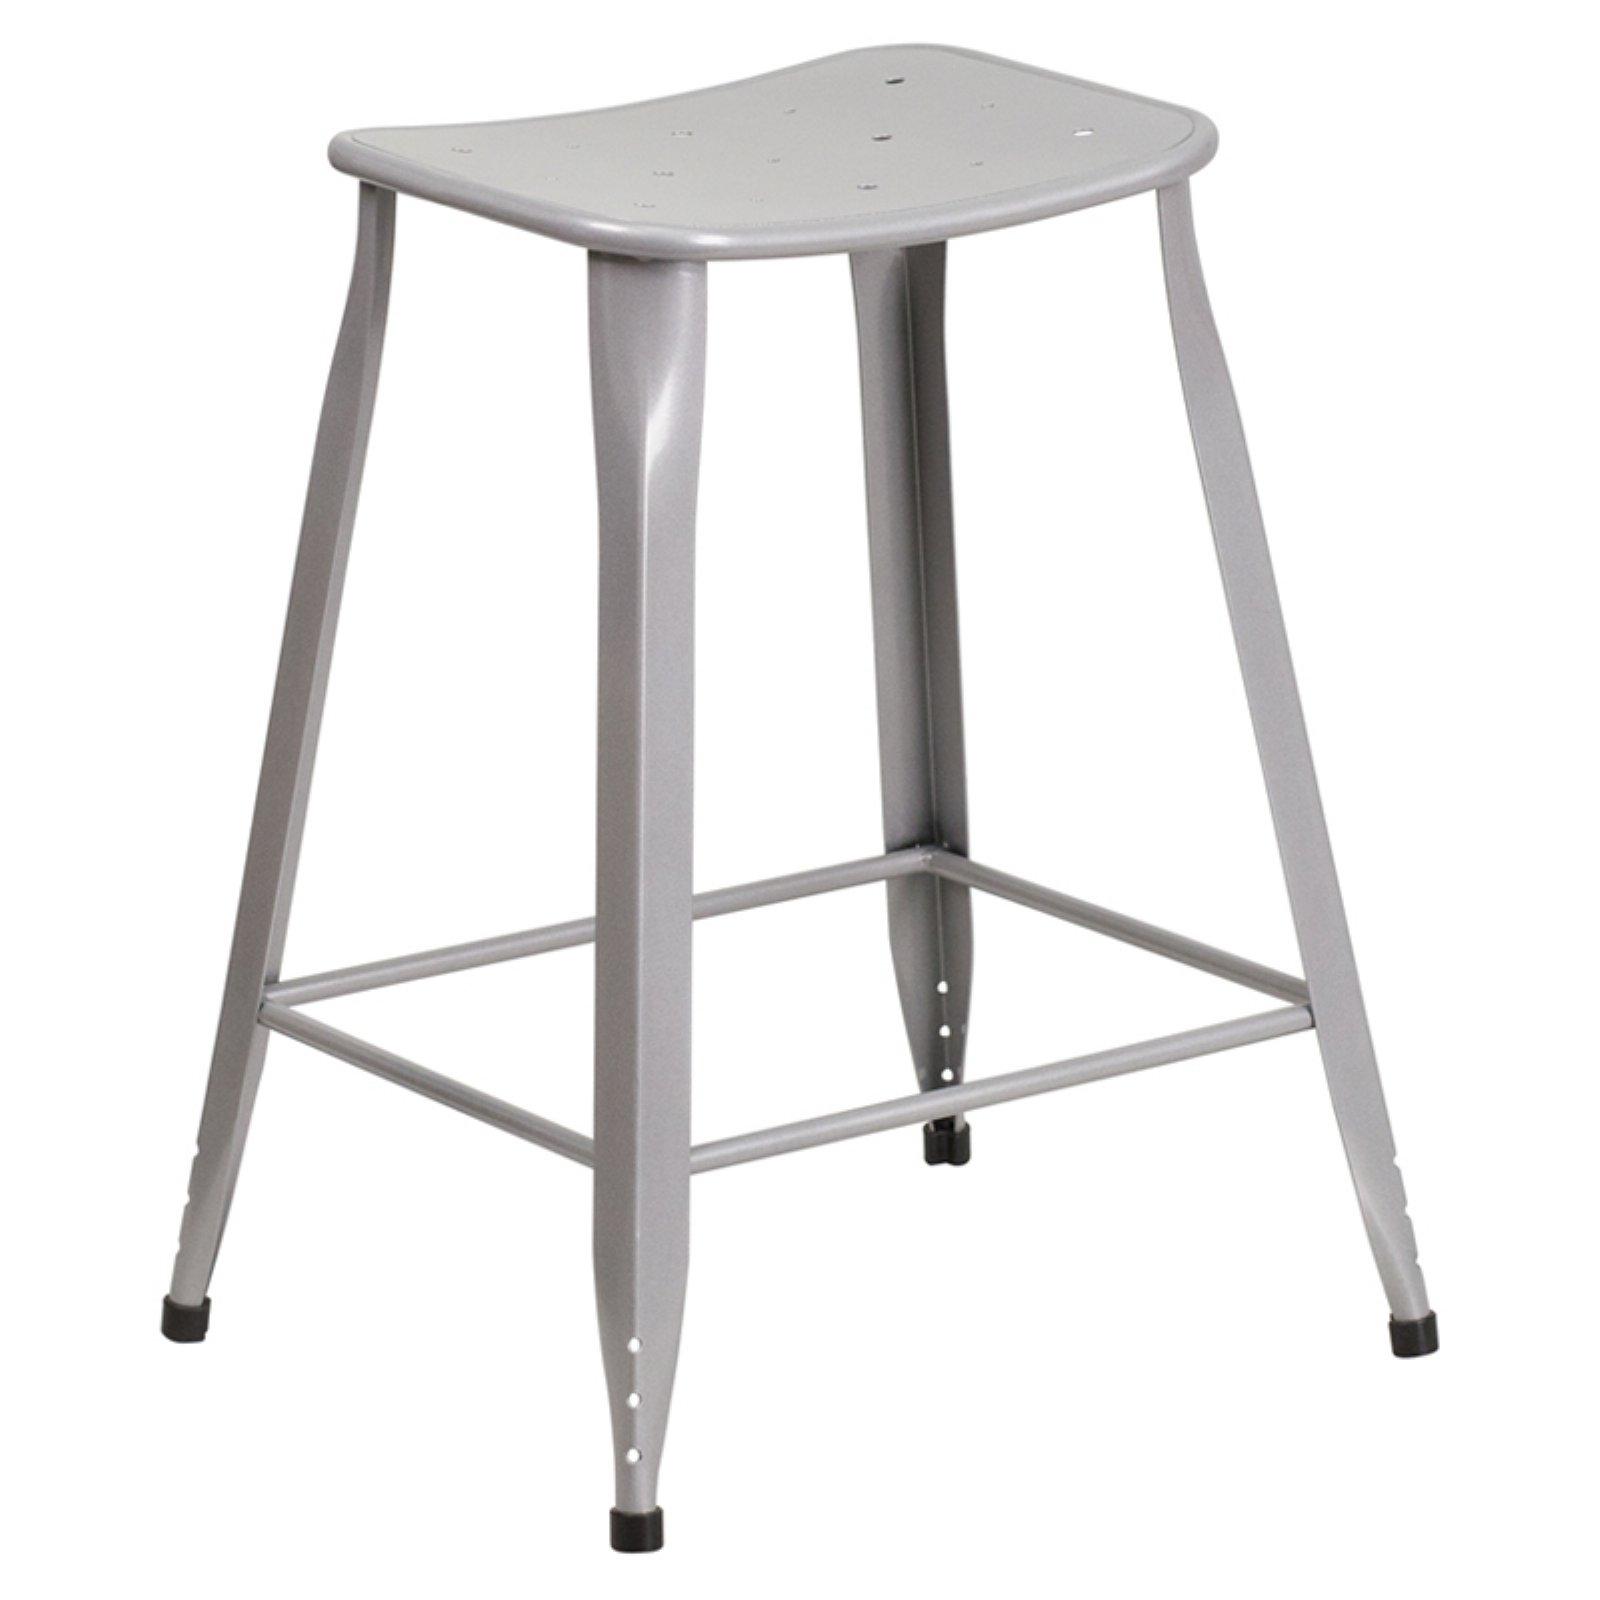 Flash Furniture 24 in. High Metal Indoor/Outdoor Counter Stool